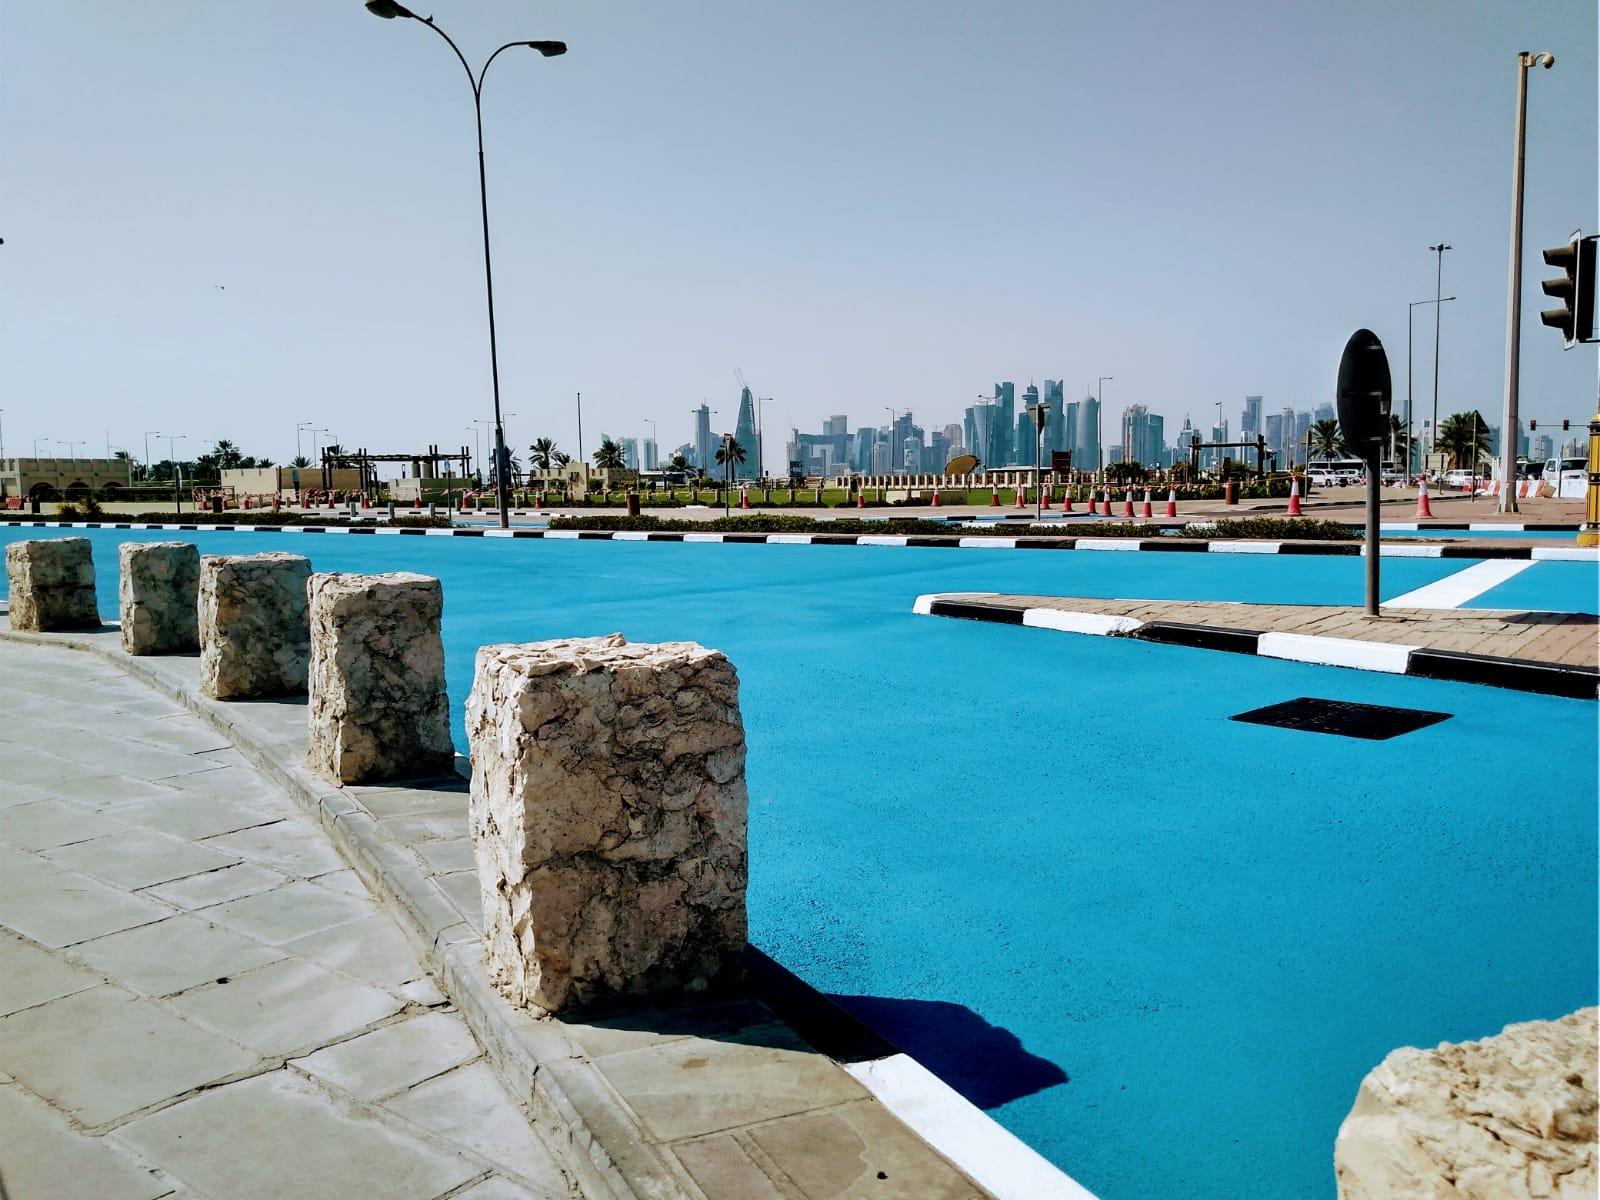 Улицы Дохи